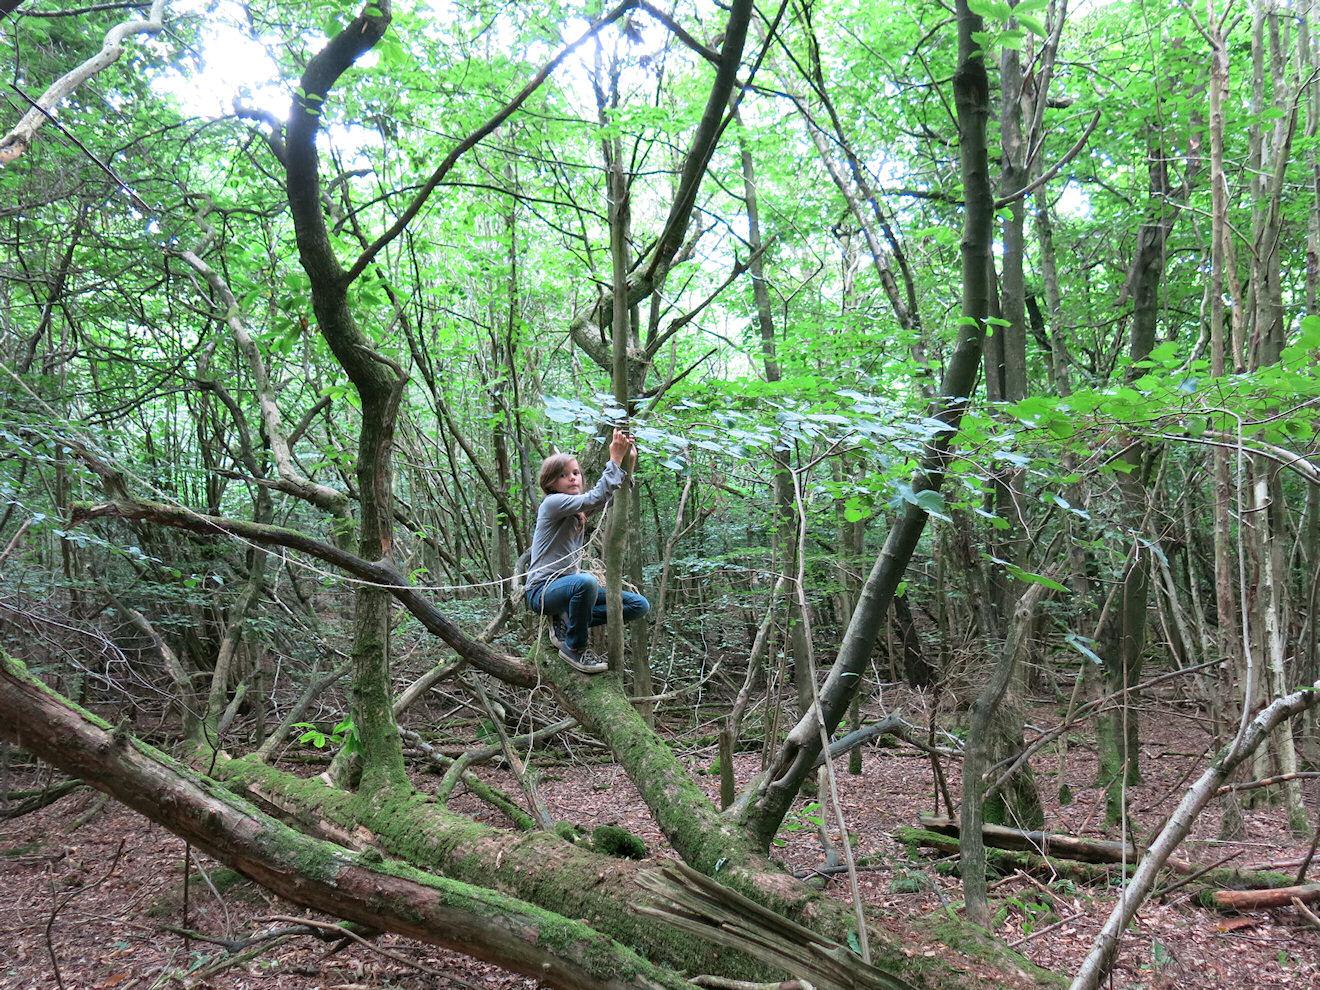 girl in tree.jpg